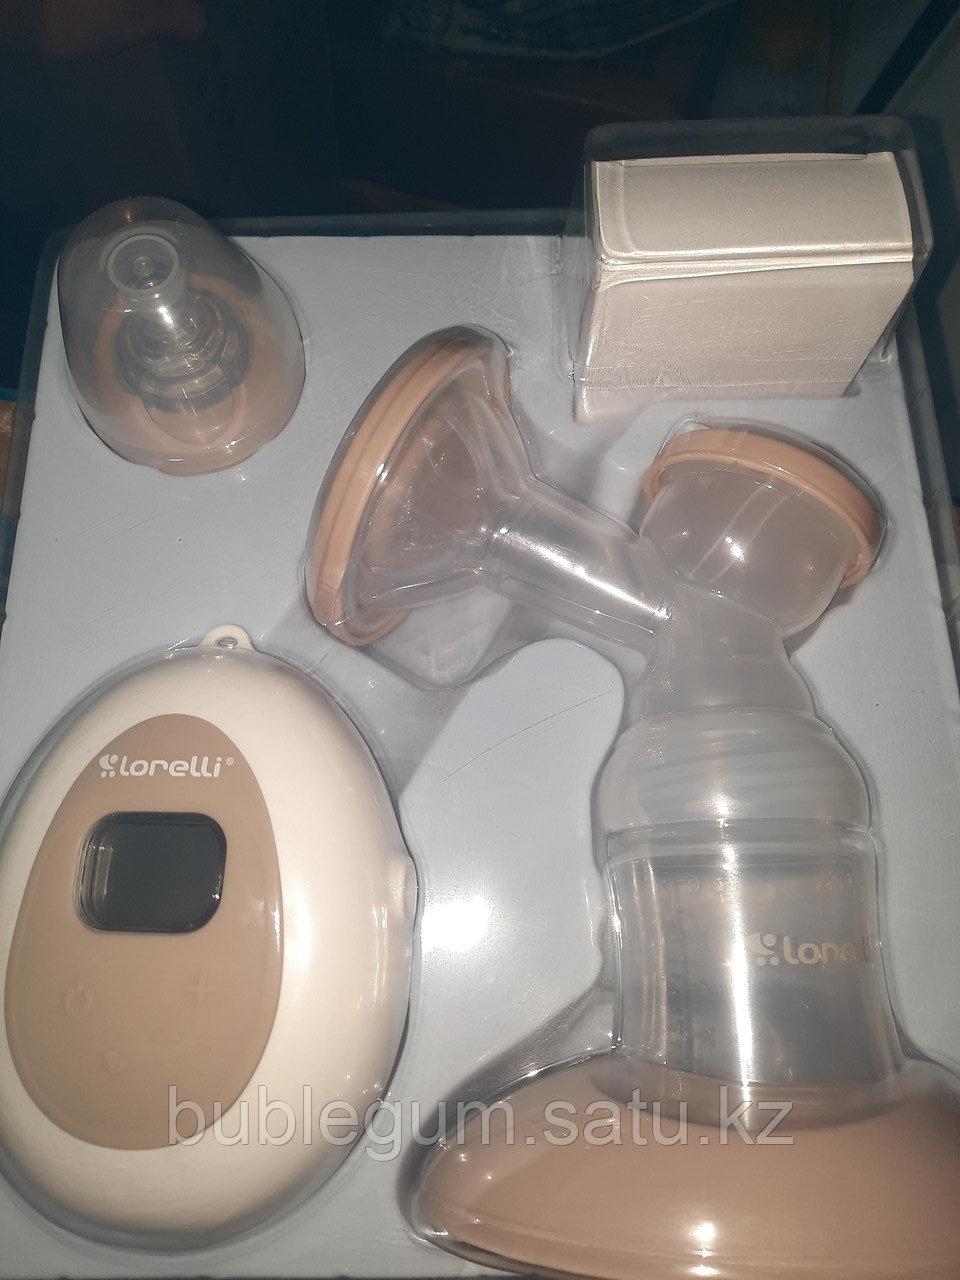 Молокоотсос Lorelli электрический с бутылочкой 150 мл